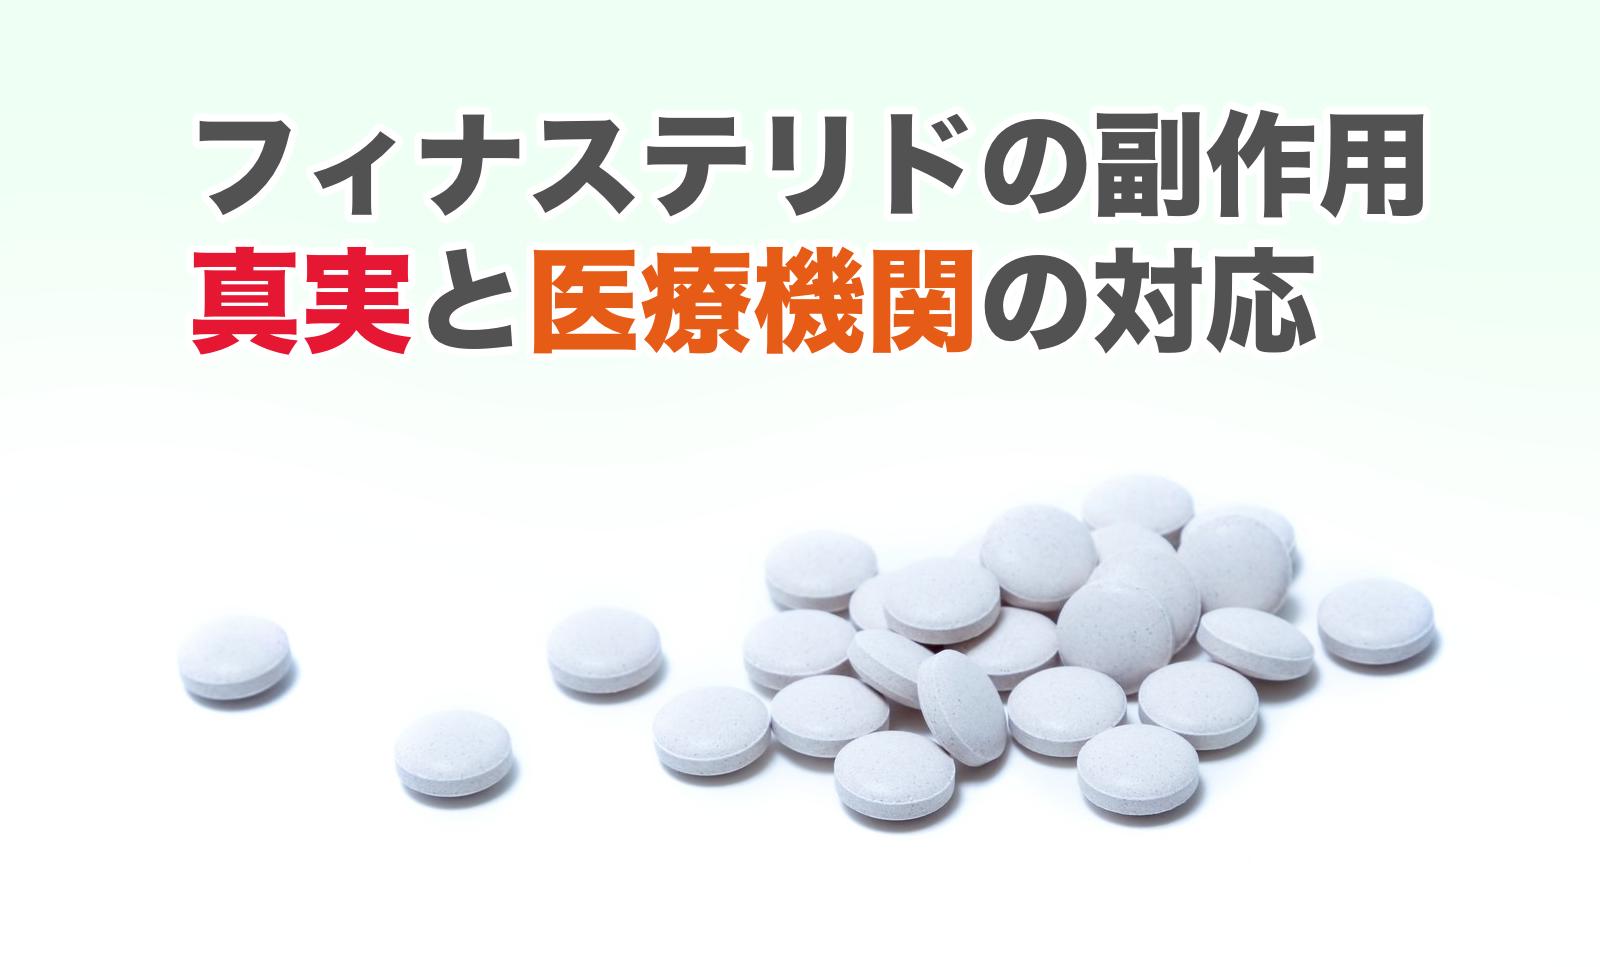 フィナステリドの副作用と医療機関の対応について【AGA基礎知識】